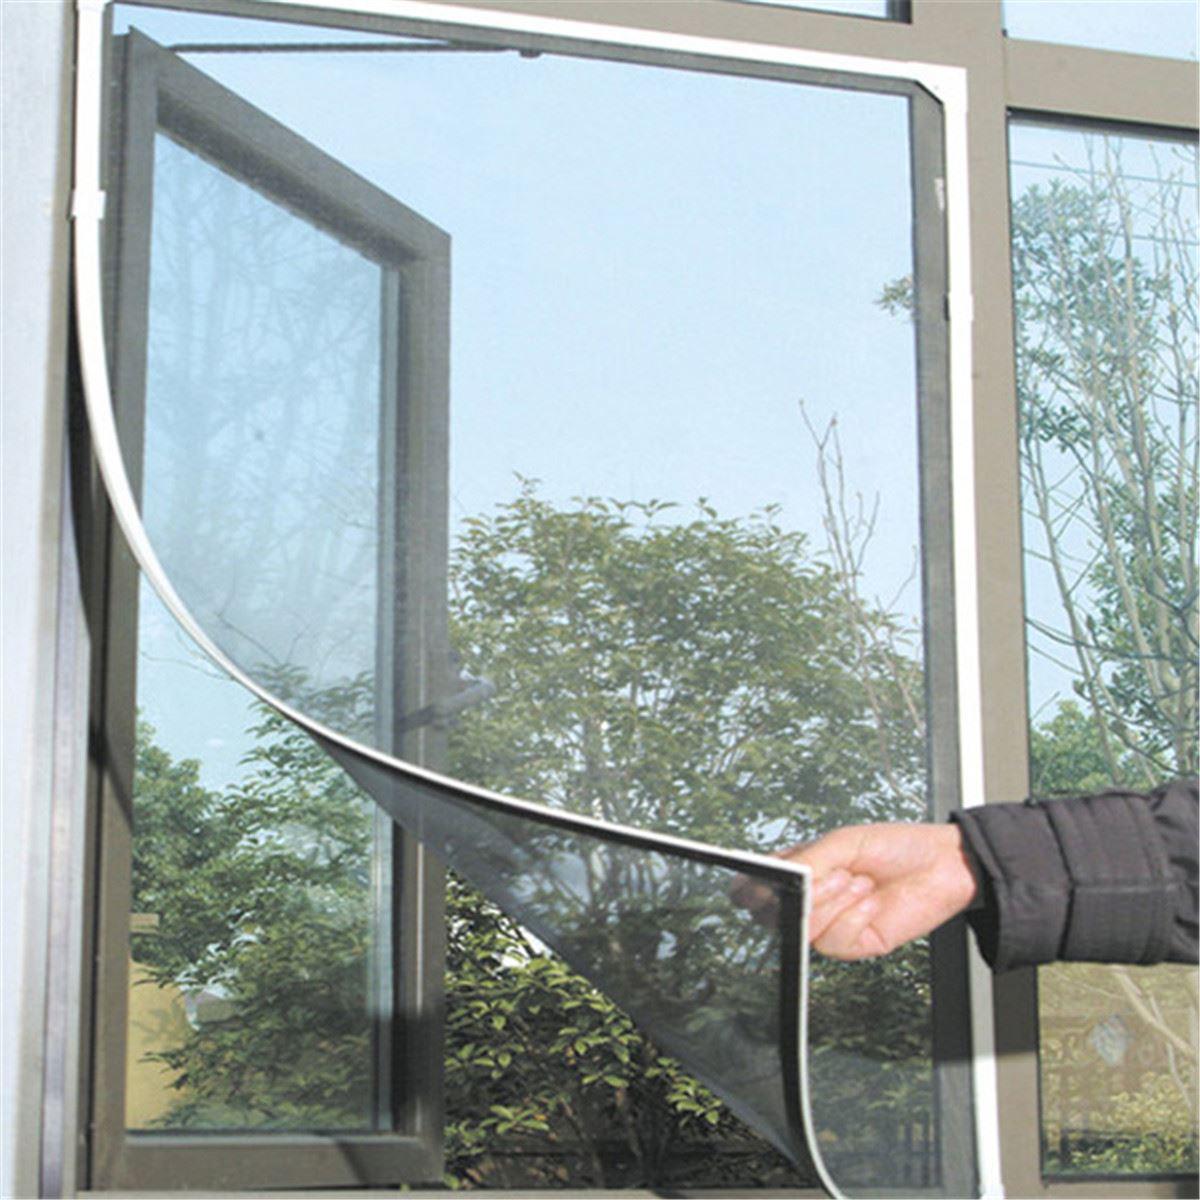 Комаров насекомых летать ошибка двери окна чистая сетка mesh.